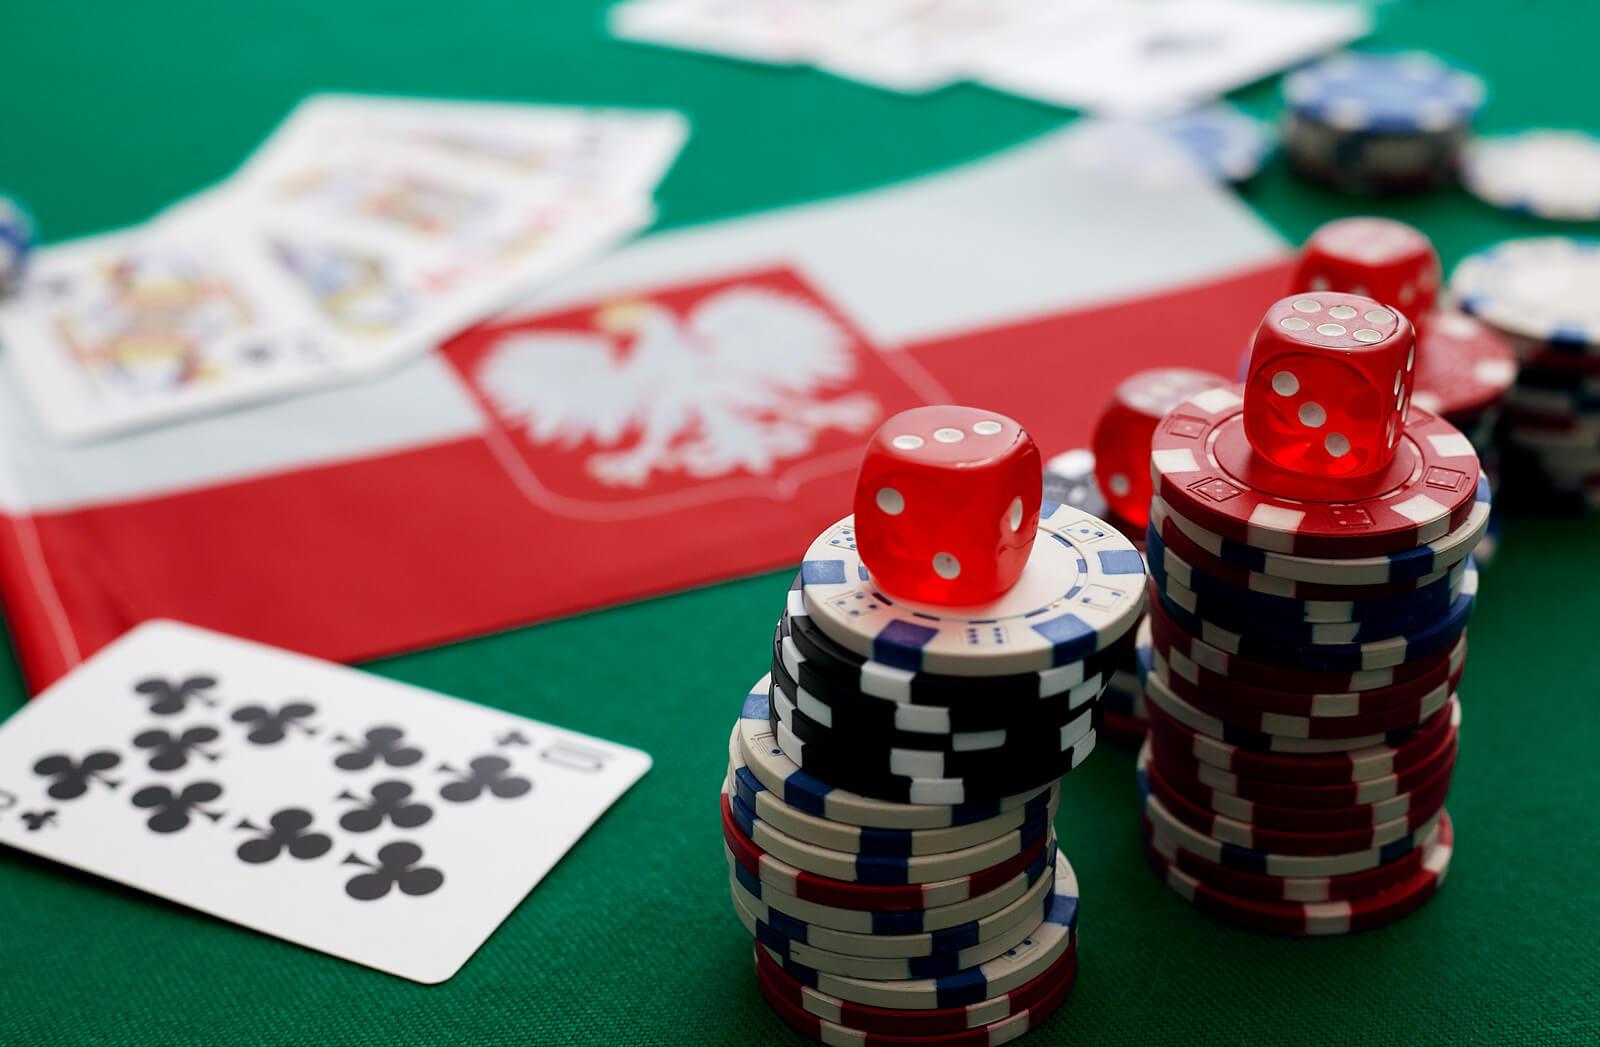 Jak zdobywać klientów i wpływać na rynki za pomocą ostatnie kasyno online